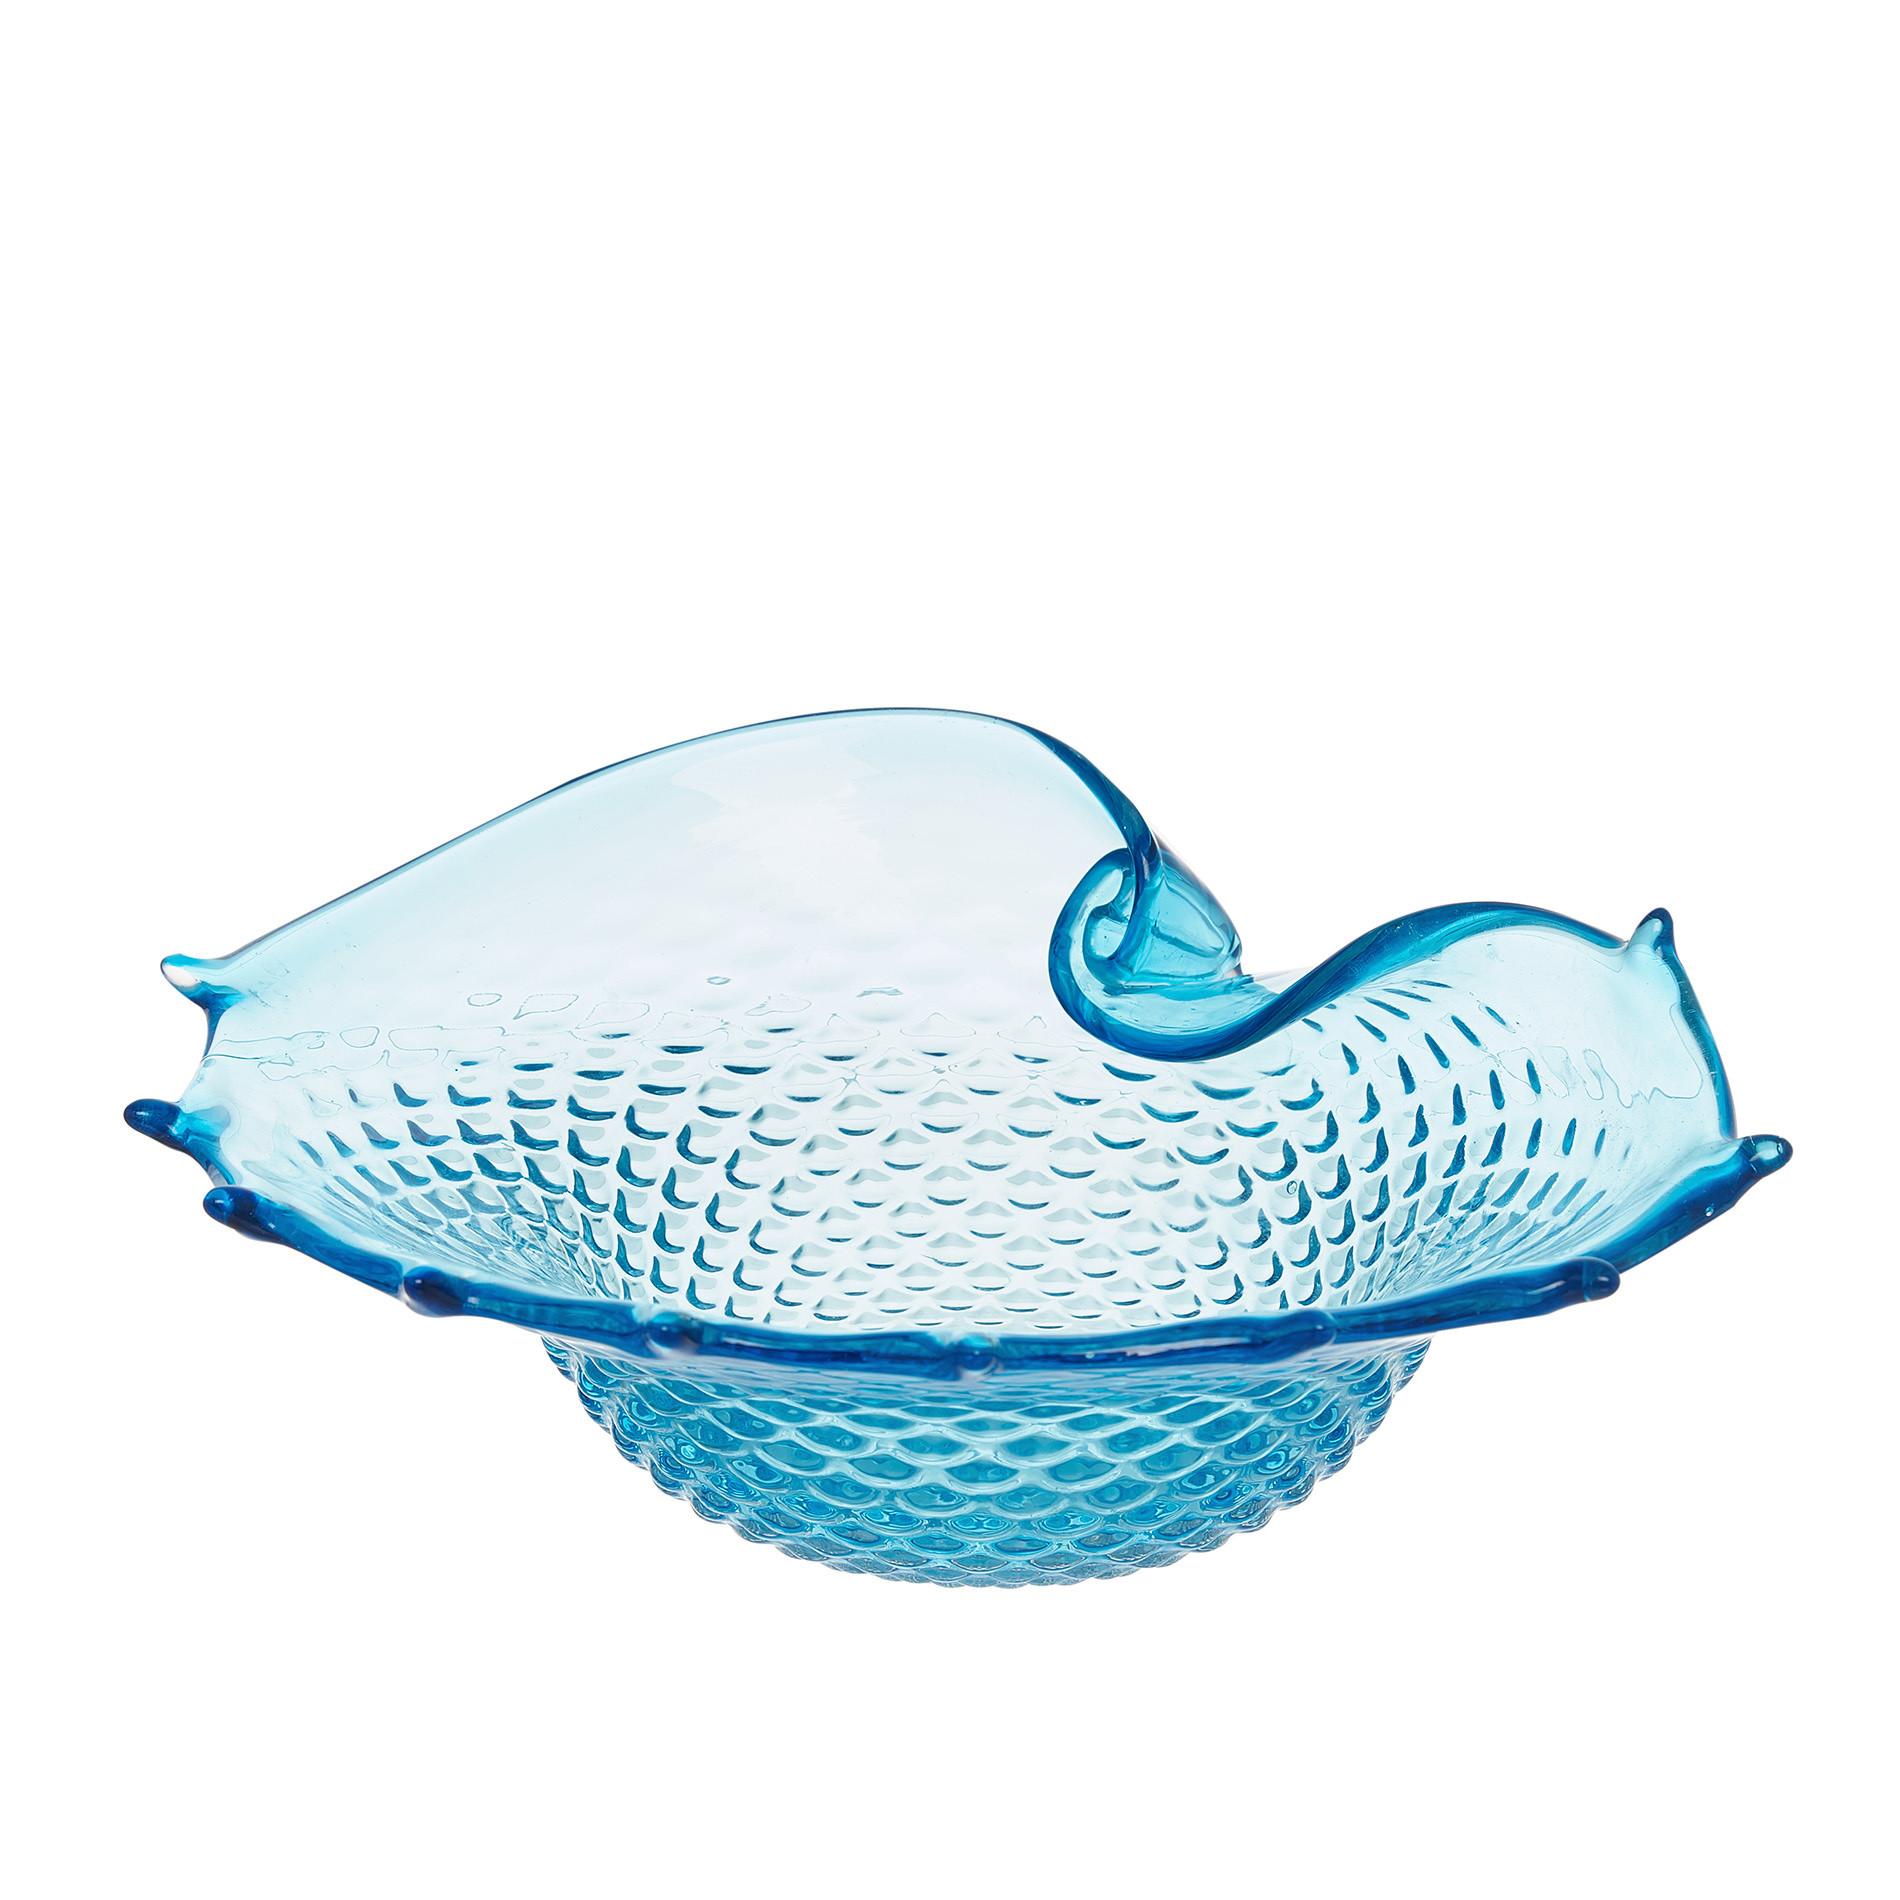 Conchiglia decorativa vetro colorato in pasta, Trasparente, large image number 1